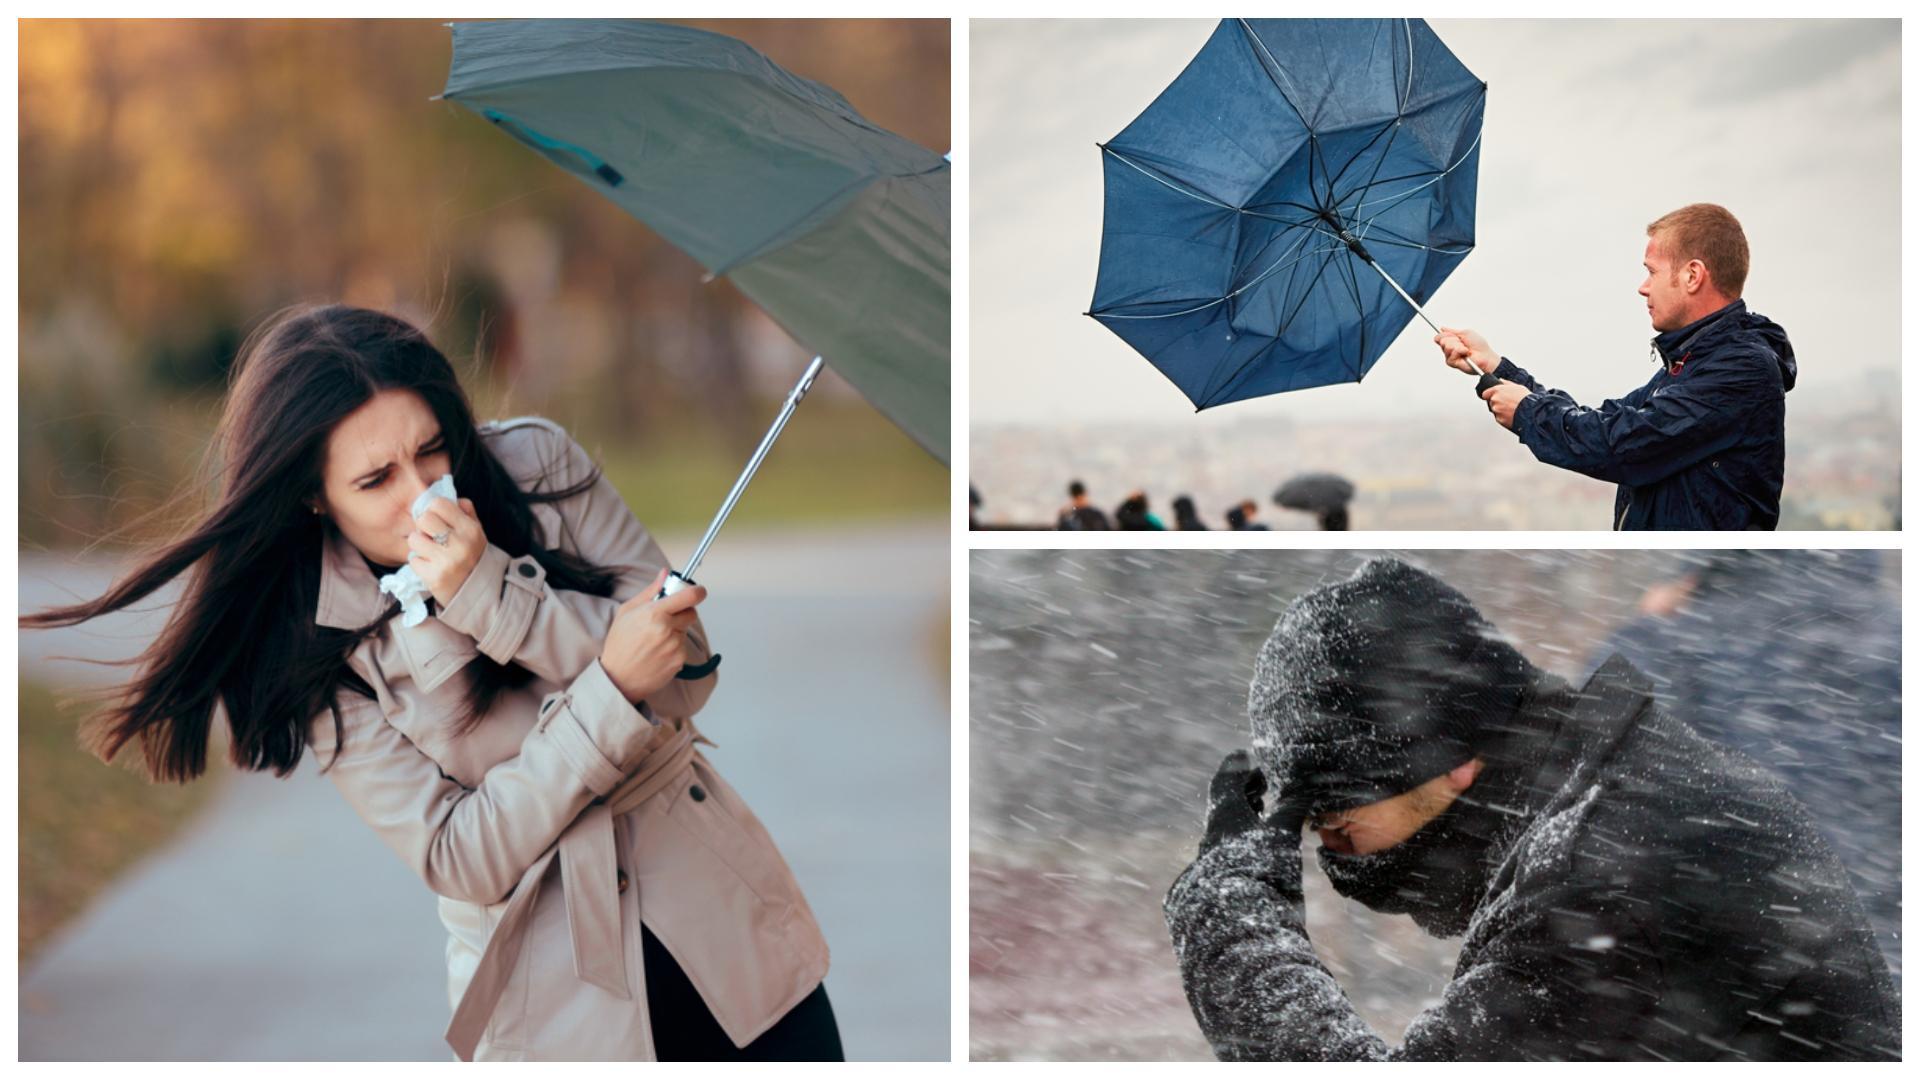 Meteorologii anunță vreme deosebit de rece și vânt puternic. În ce regiuni se aștepată lapoviță și ninsoare